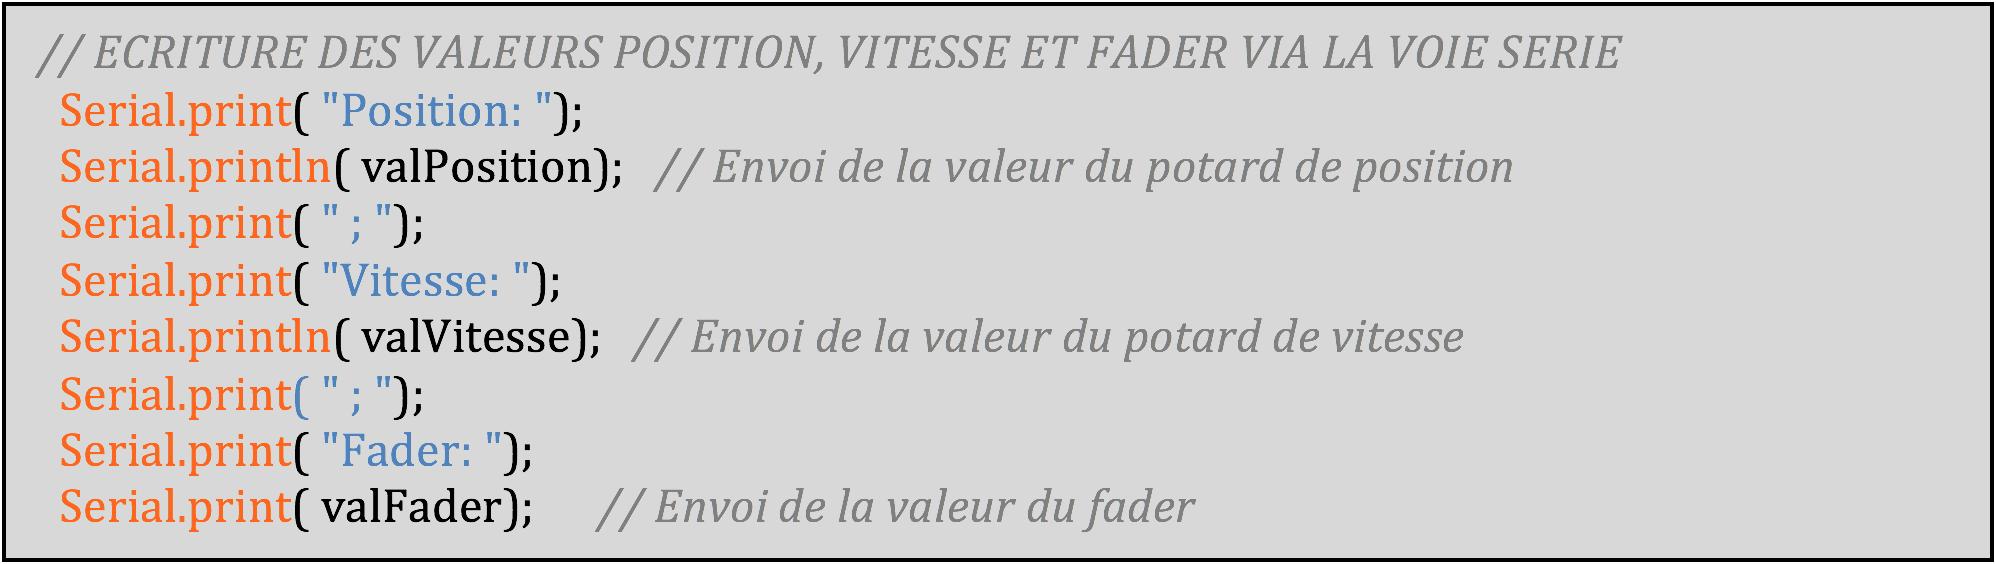 Utilisation de la voie série pour observer les variations de valeurs.